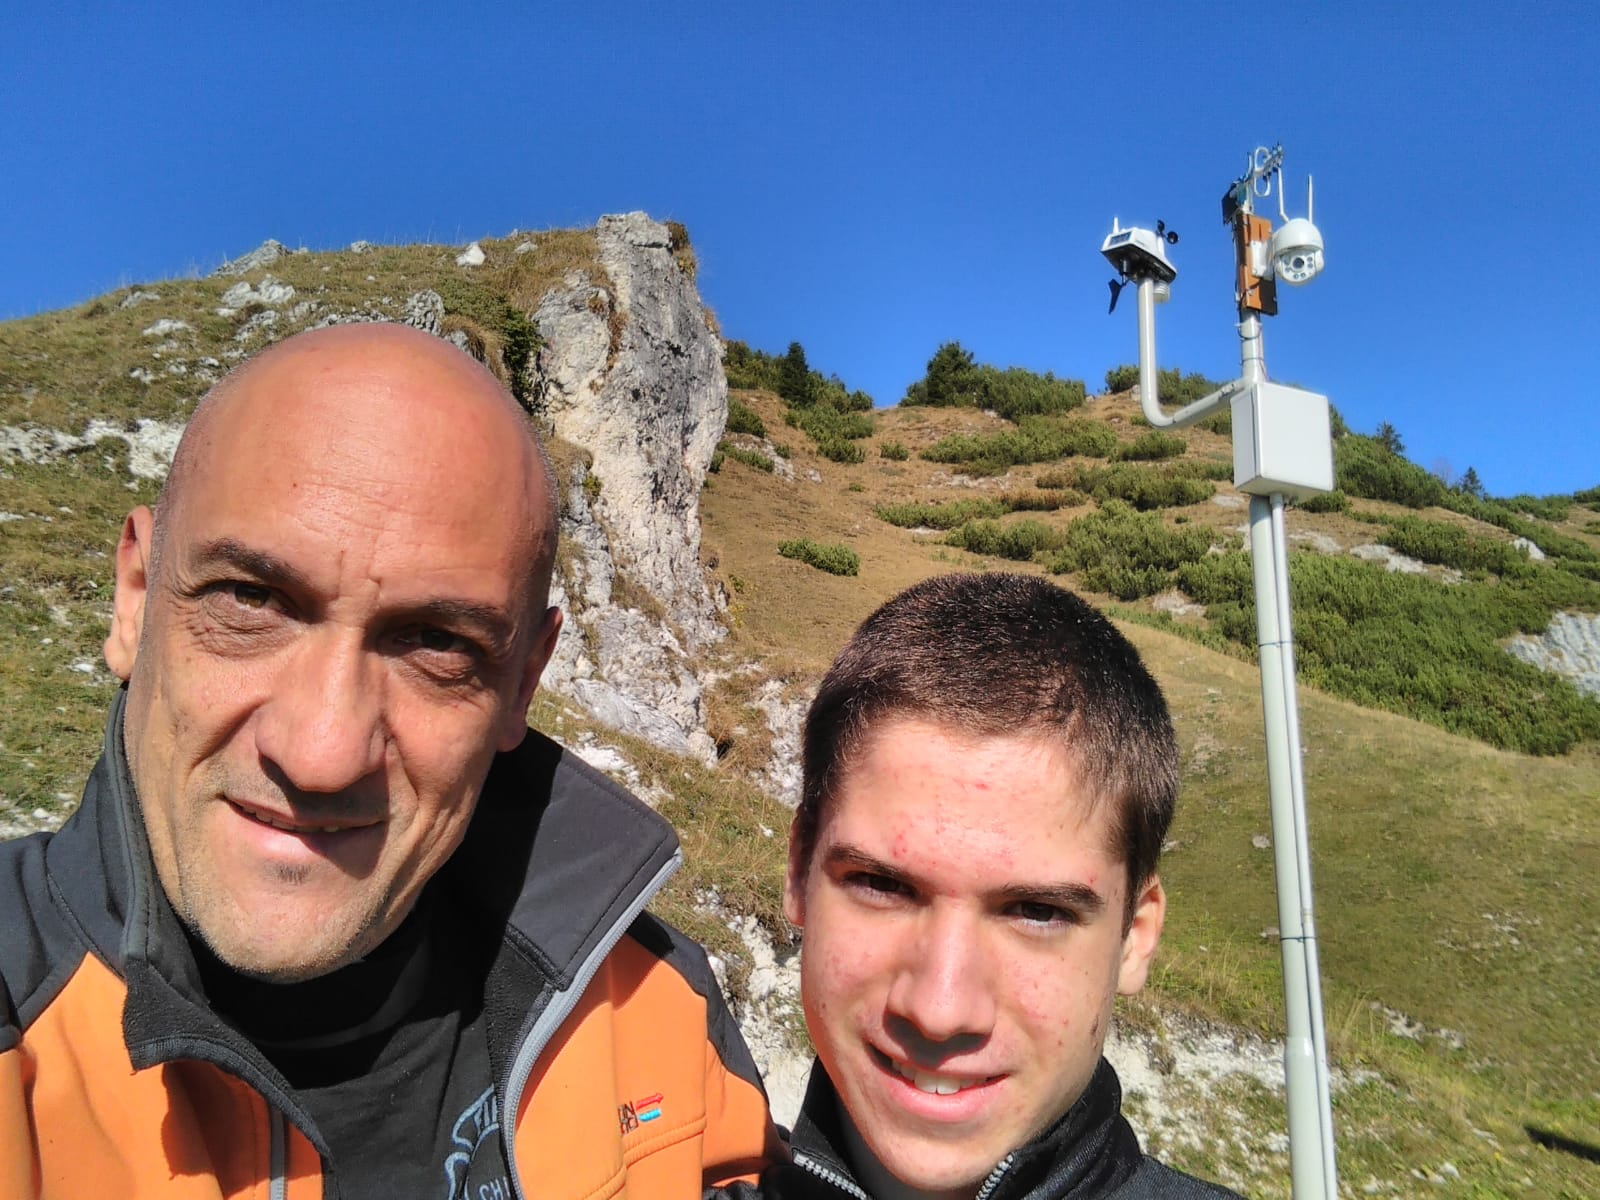 A sinistra Denis Dall'Alda e a destra Luca Fruner, alle spalle la nuova installazione meteorologica